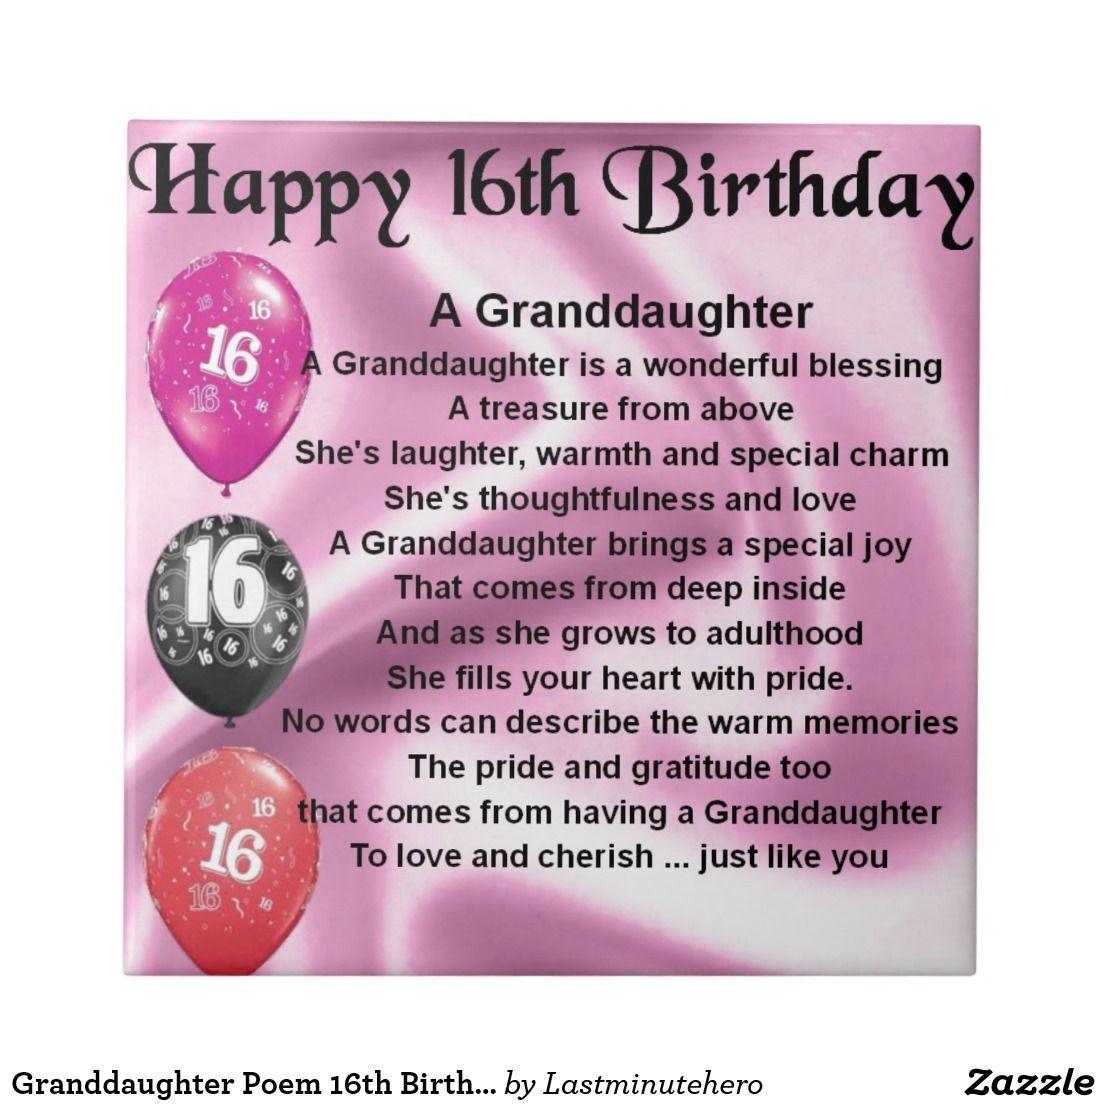 Granddaughter Poem 16th Birthday Ceramic Tile